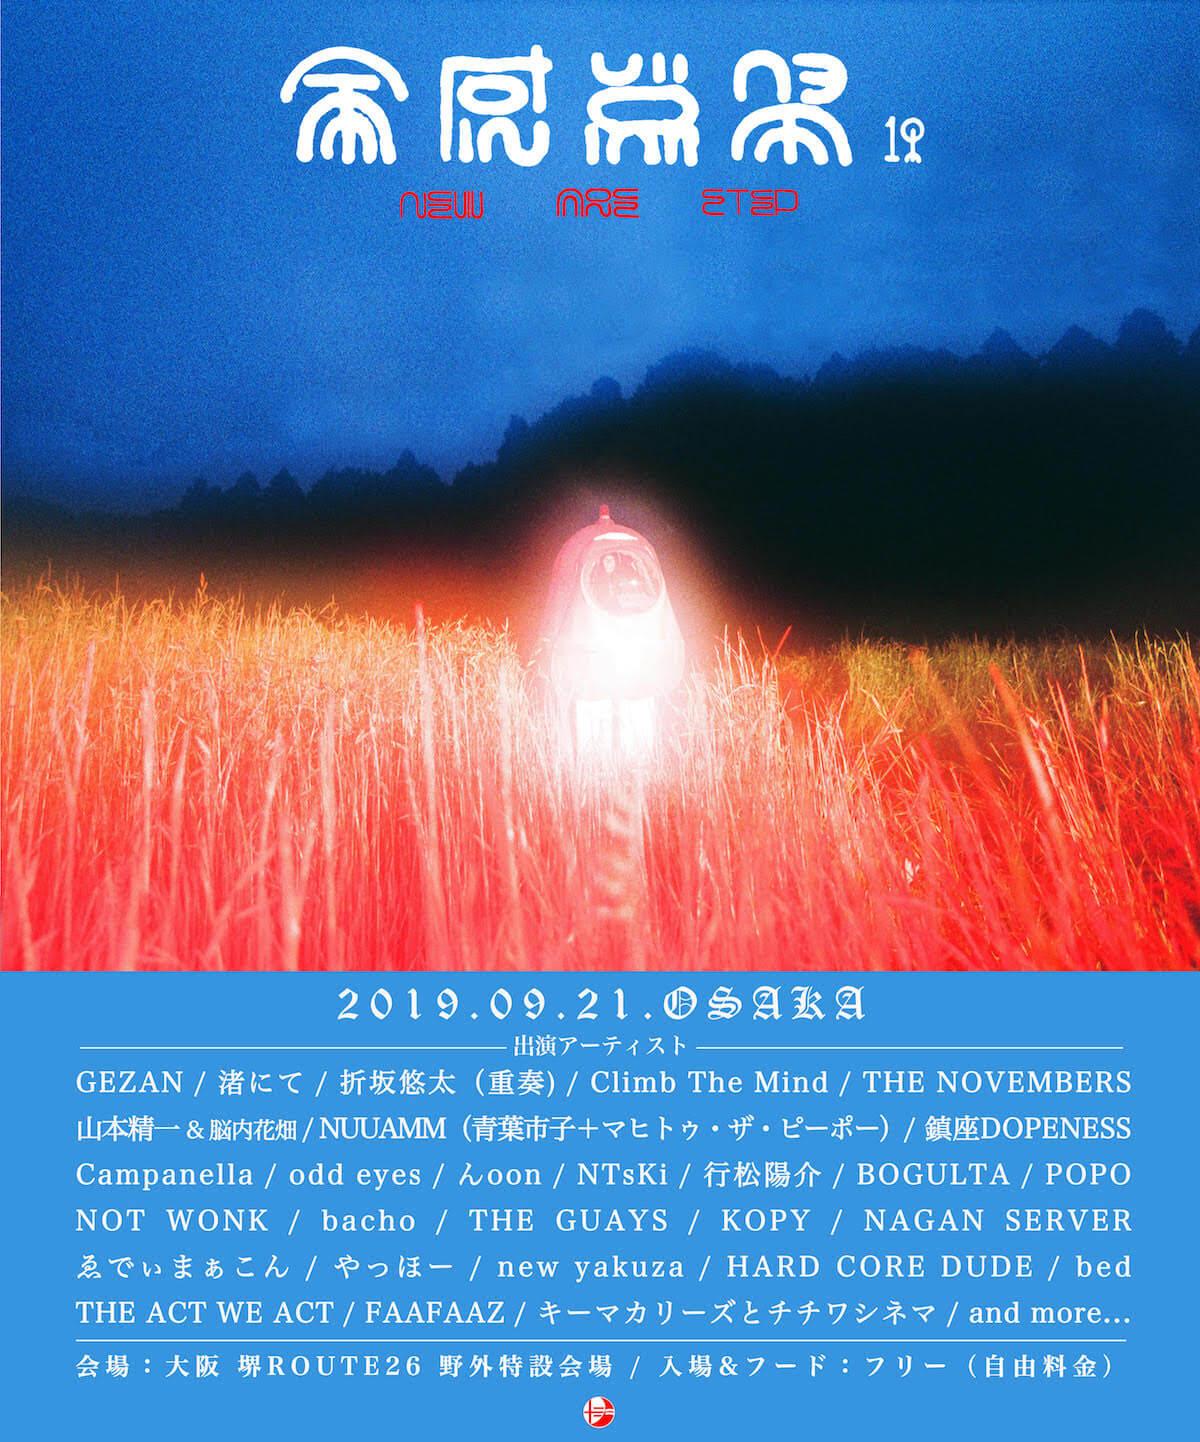 フェスレポート|GEZANが切り取る<FUJI ROCK FESTIVAL'19> music190823_gezan_zennkannkakusai_osaka